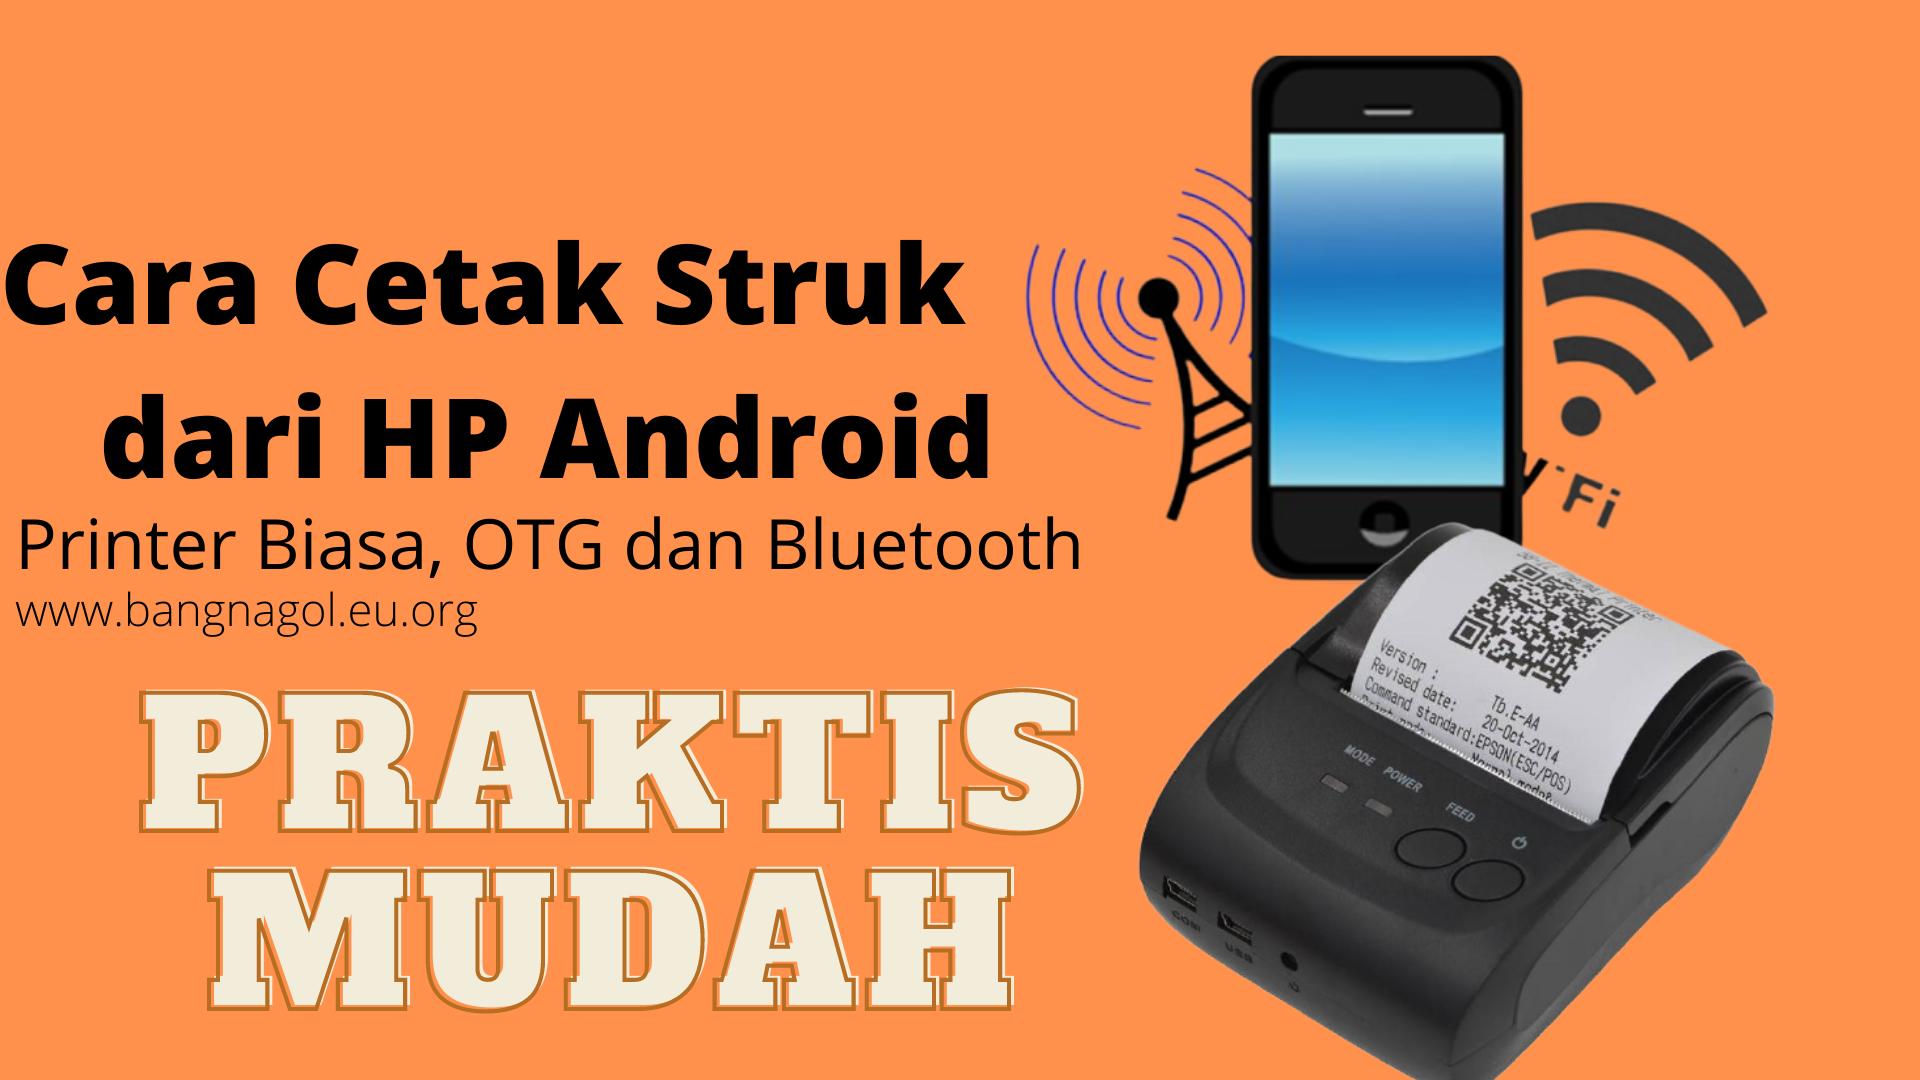 Cara Cetak Struk dari HP Android ke Printer Biasa, OTG dan Bluetooth